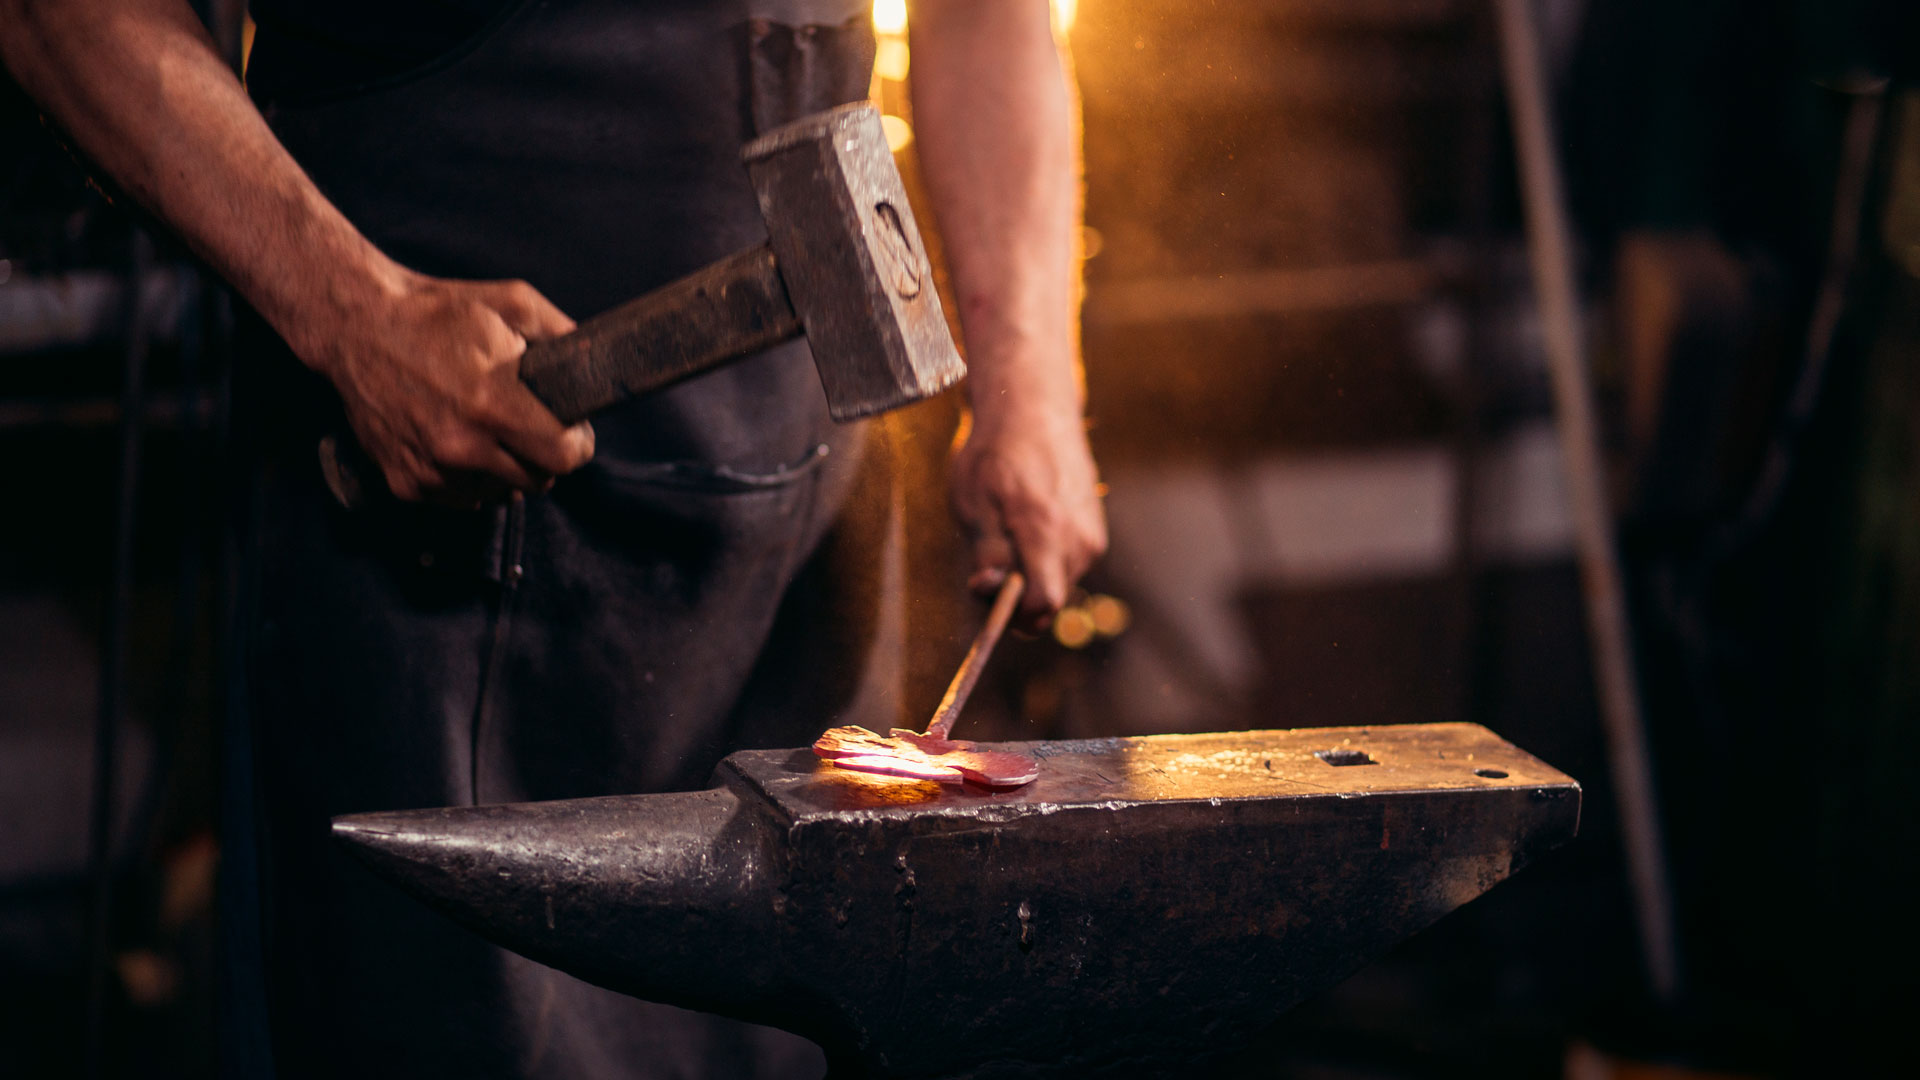 Das Eisen schmieden solange es heiß ist – der beste Zeitpunkt für den Folgeauftrag